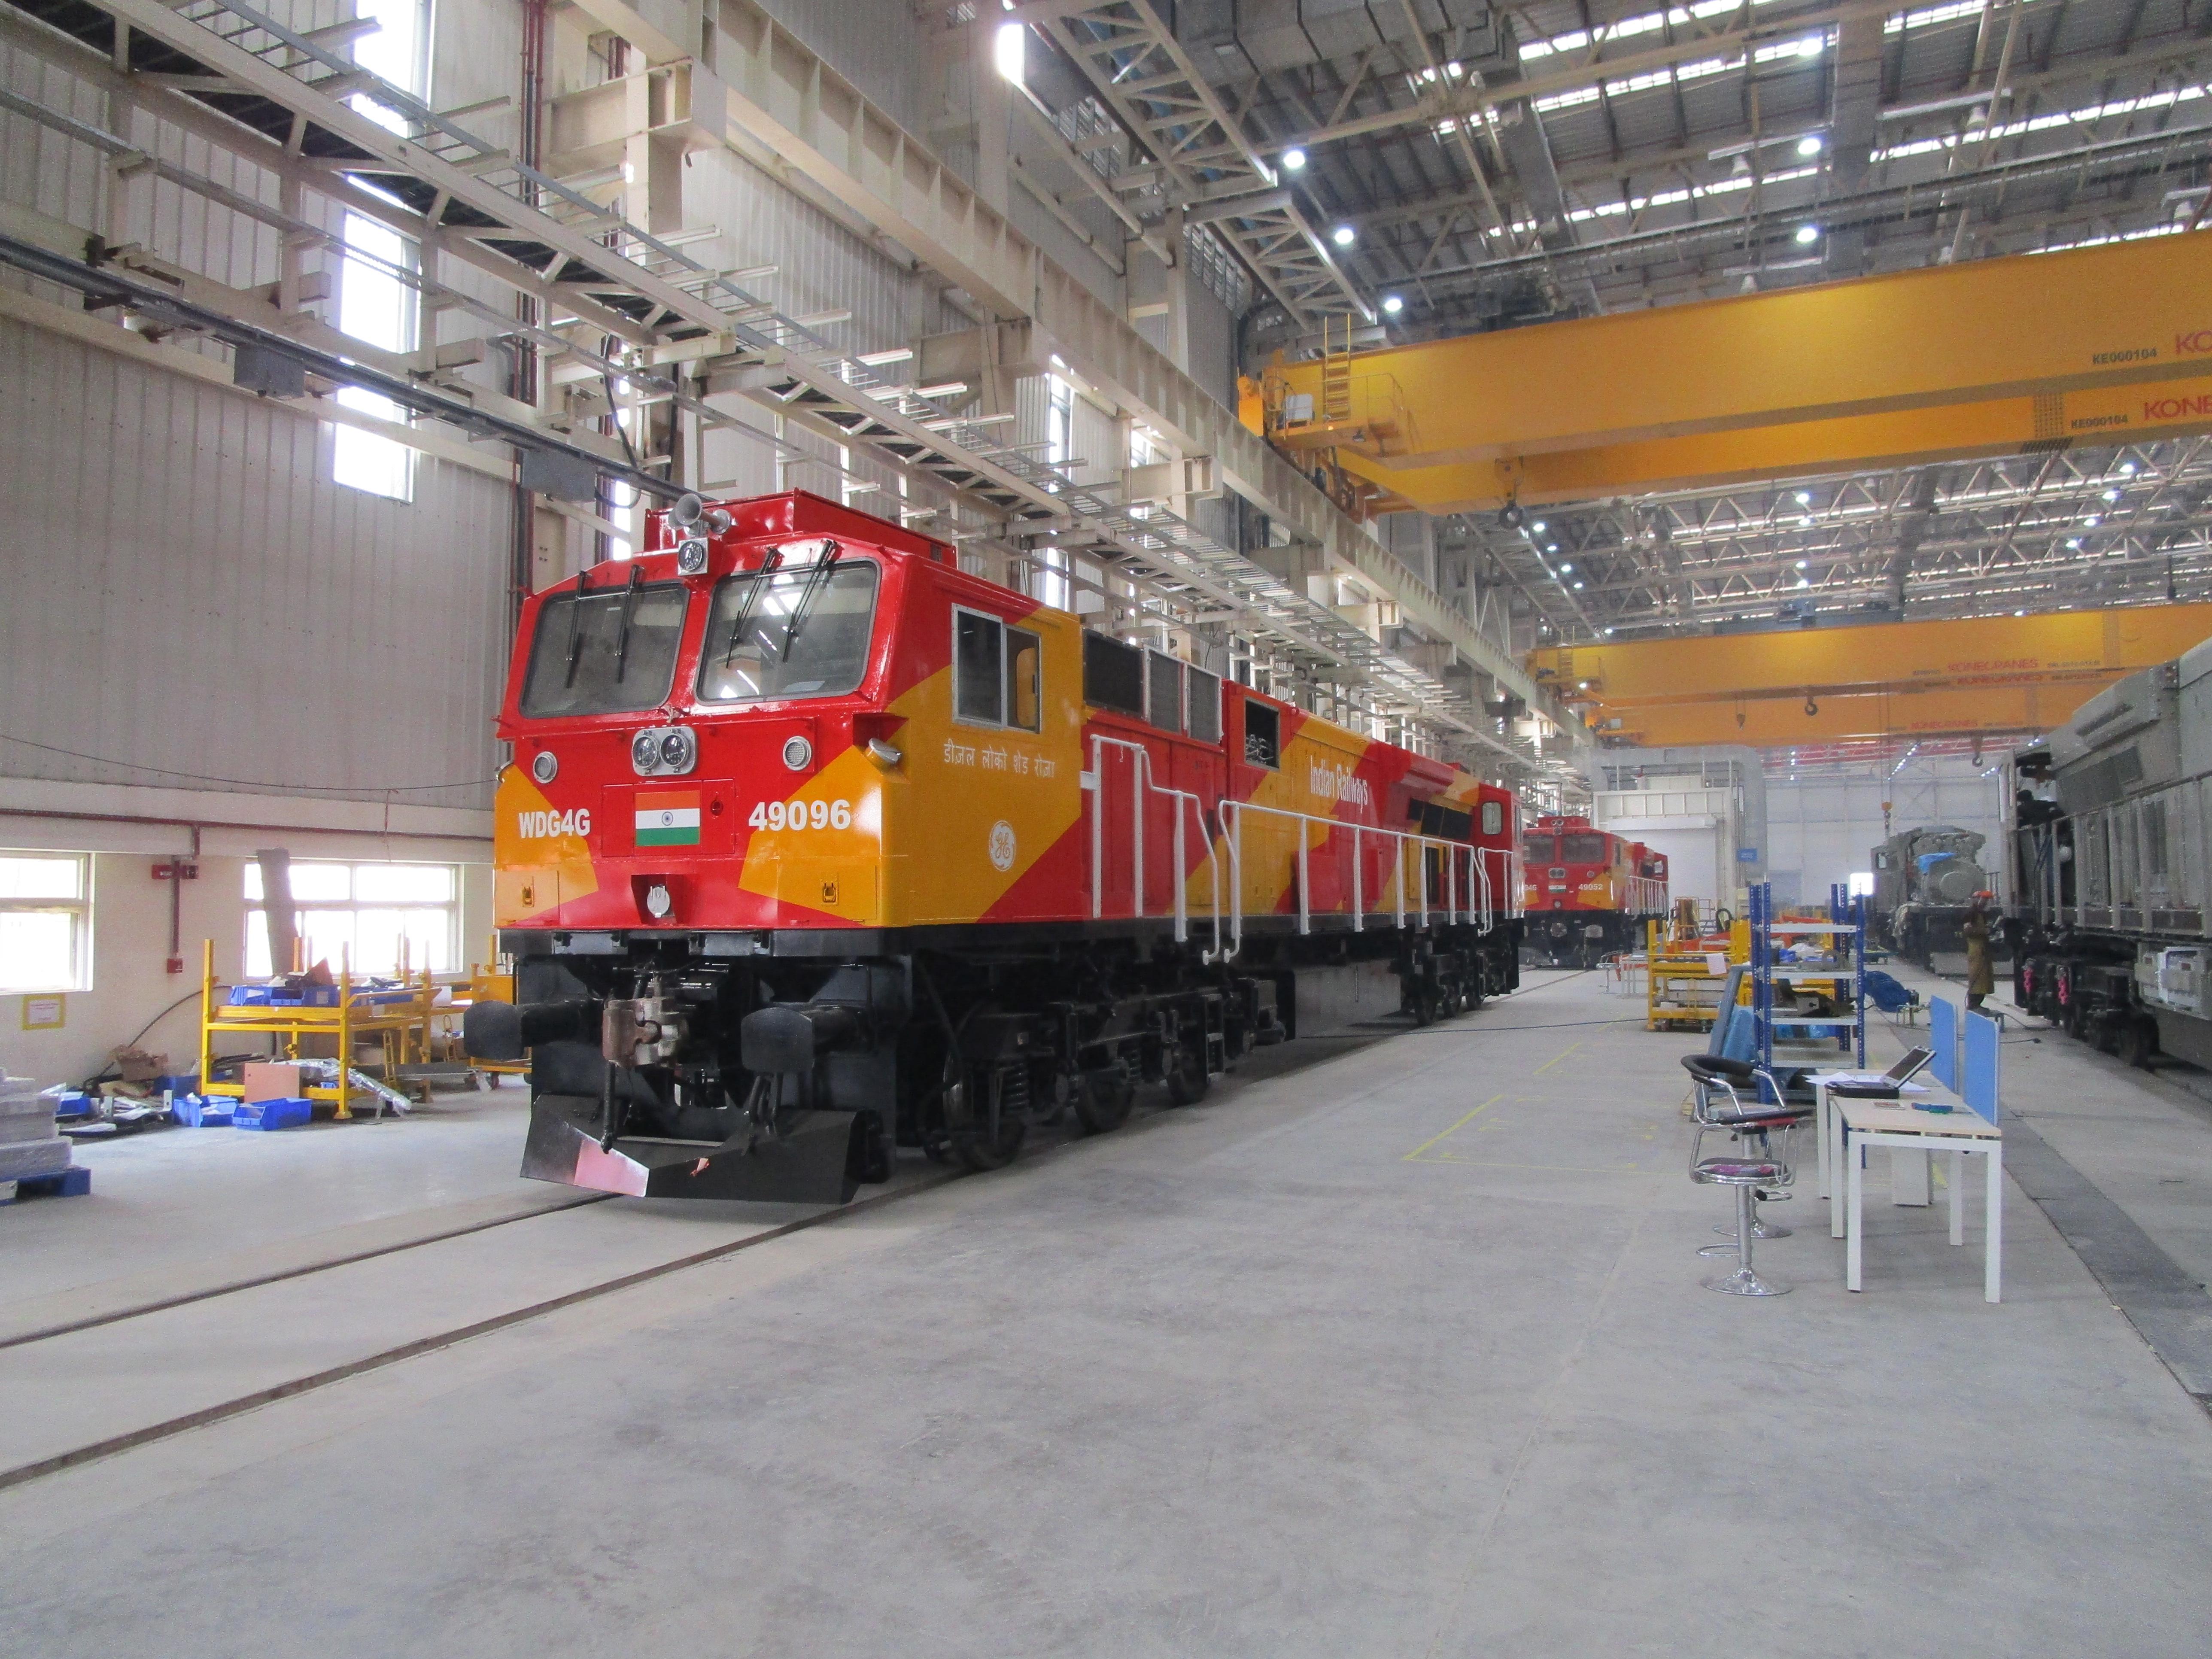 Wabtec locomotive factory in India